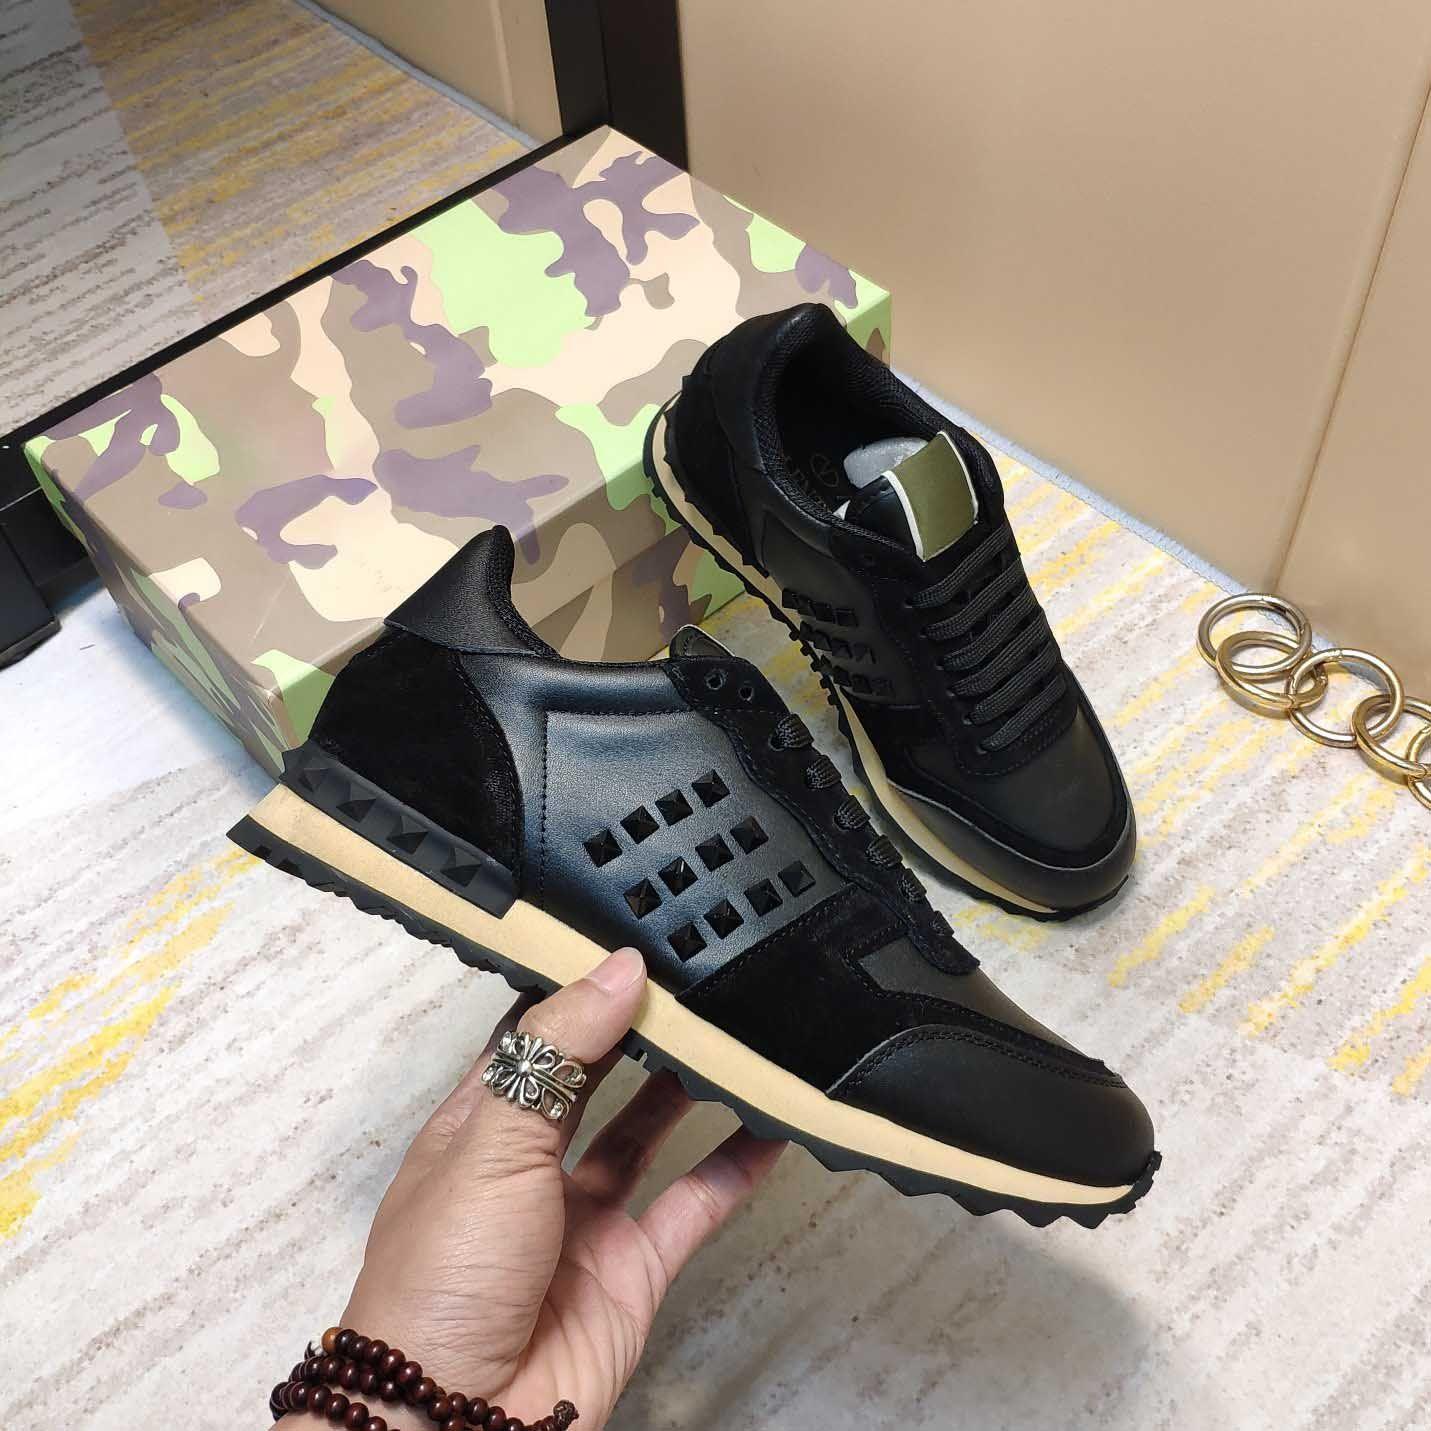 Женские мужчины камуфляж кроссовки обувь классические заклепки шипованные квартиры сетки замшевые кожаные повседневные тренажеры с коробкой